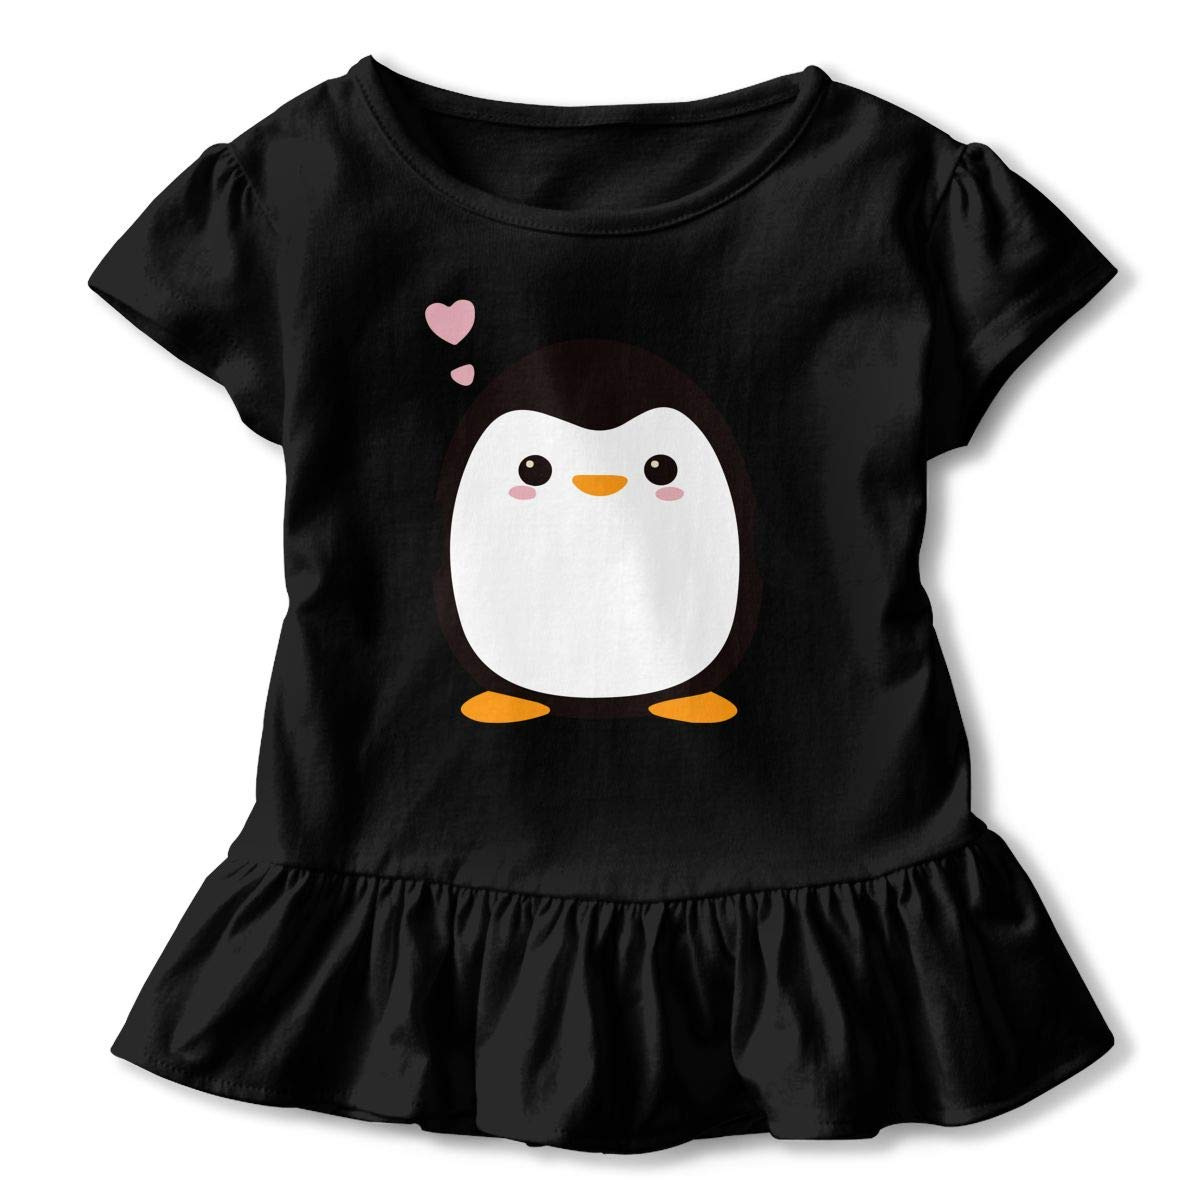 SHIRT1-KIDS Kawaii Penguin Toddler//Infant Girls Short Sleeve T-Shirts Ruffles Shirt Tee for 2-6T